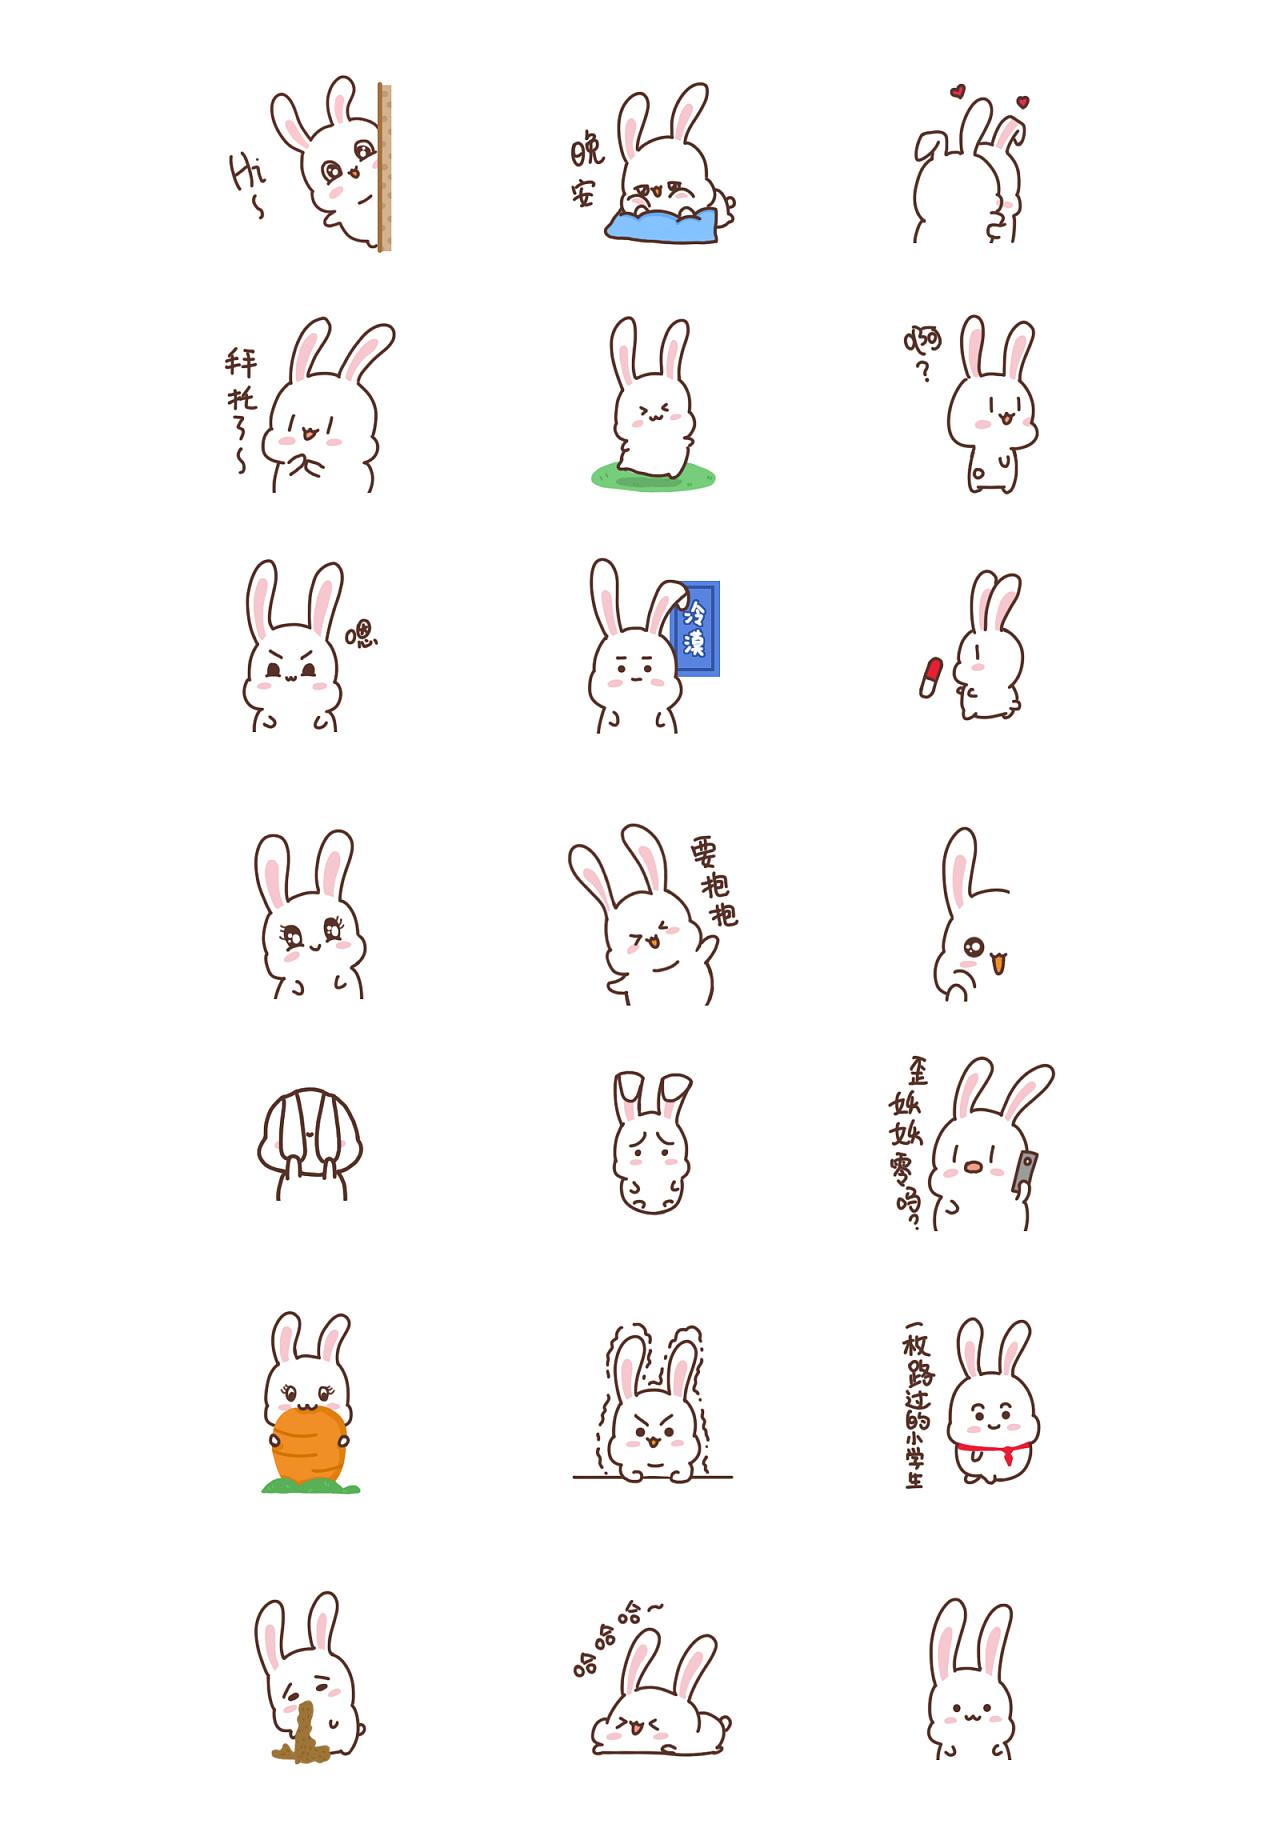 微信网络-少爷小老板&兔光头|宝宝|表情动漫|张大方表情表情包搞笑图片